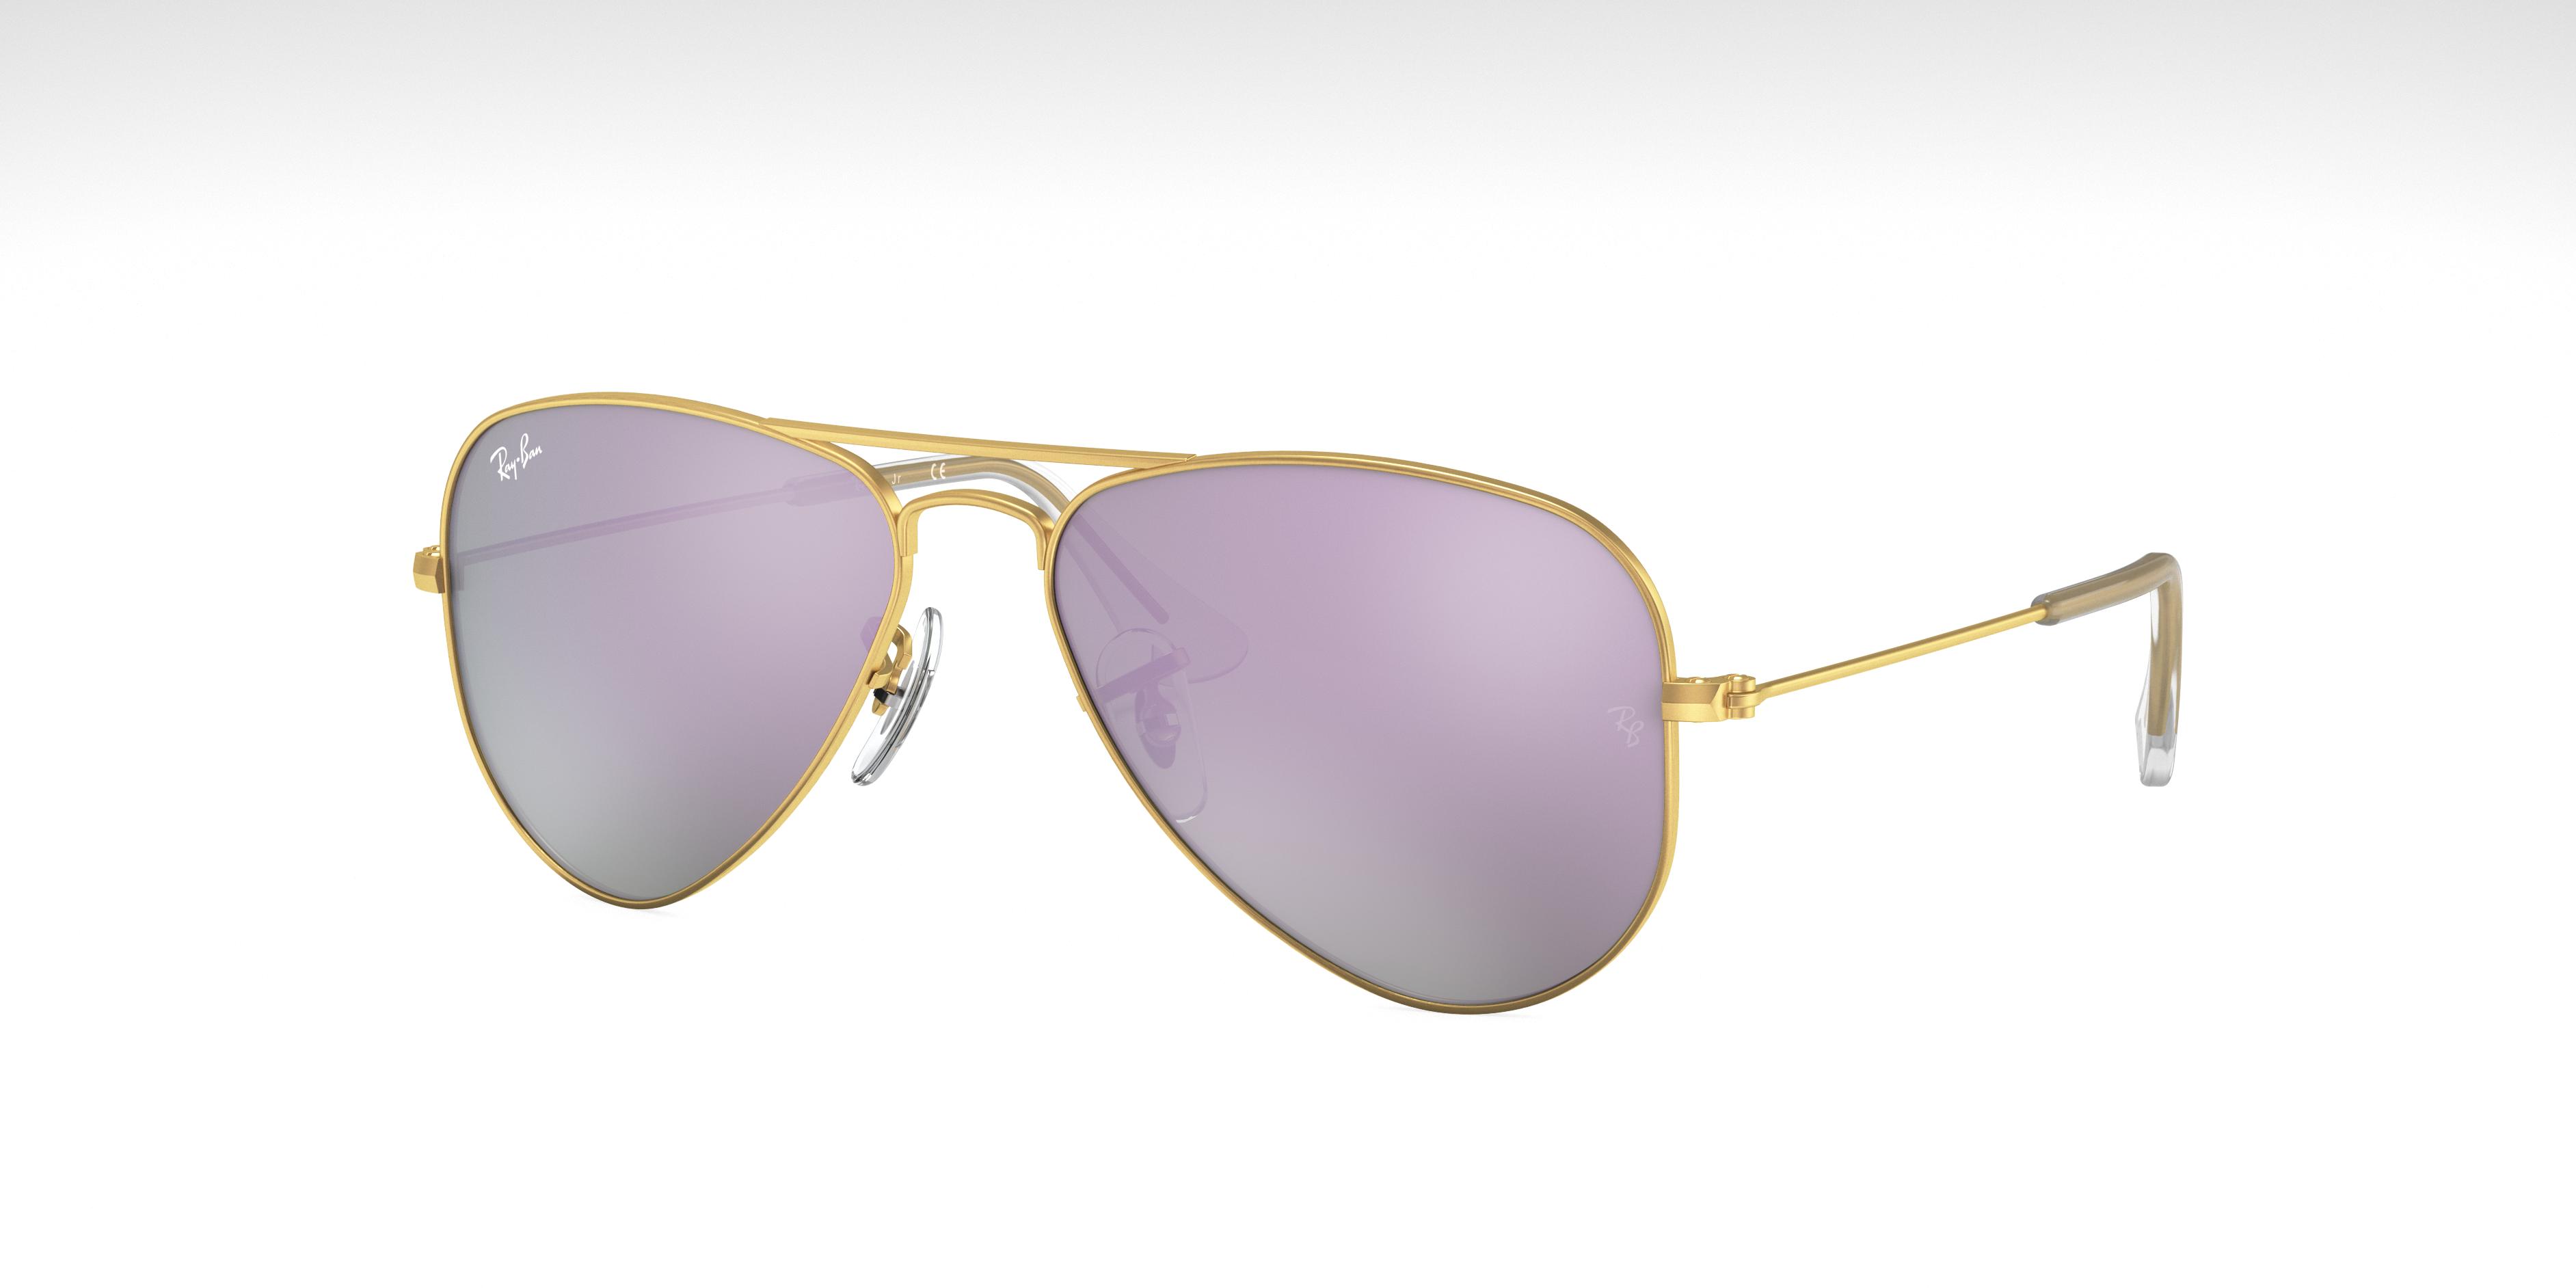 Ray-Ban Aviator Junior Gold, Violet Lenses - RJ9506S